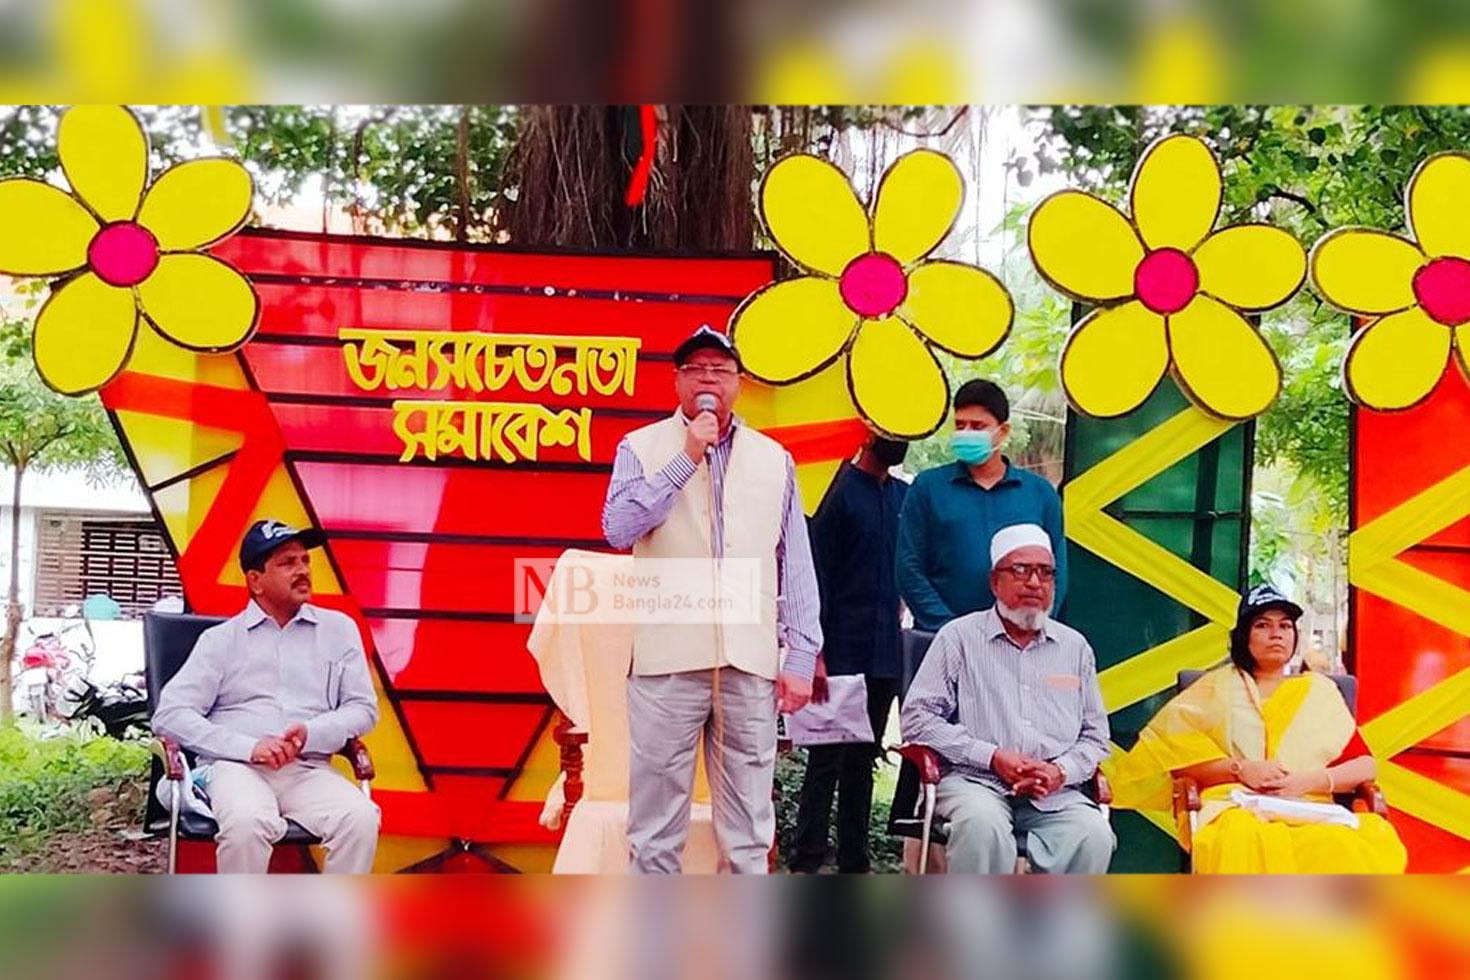 প্রতিমন্ত্রীর জমি নিবন্ধনে 'ঘুষ': 'ভুল বোঝাবুঝি' দাবি